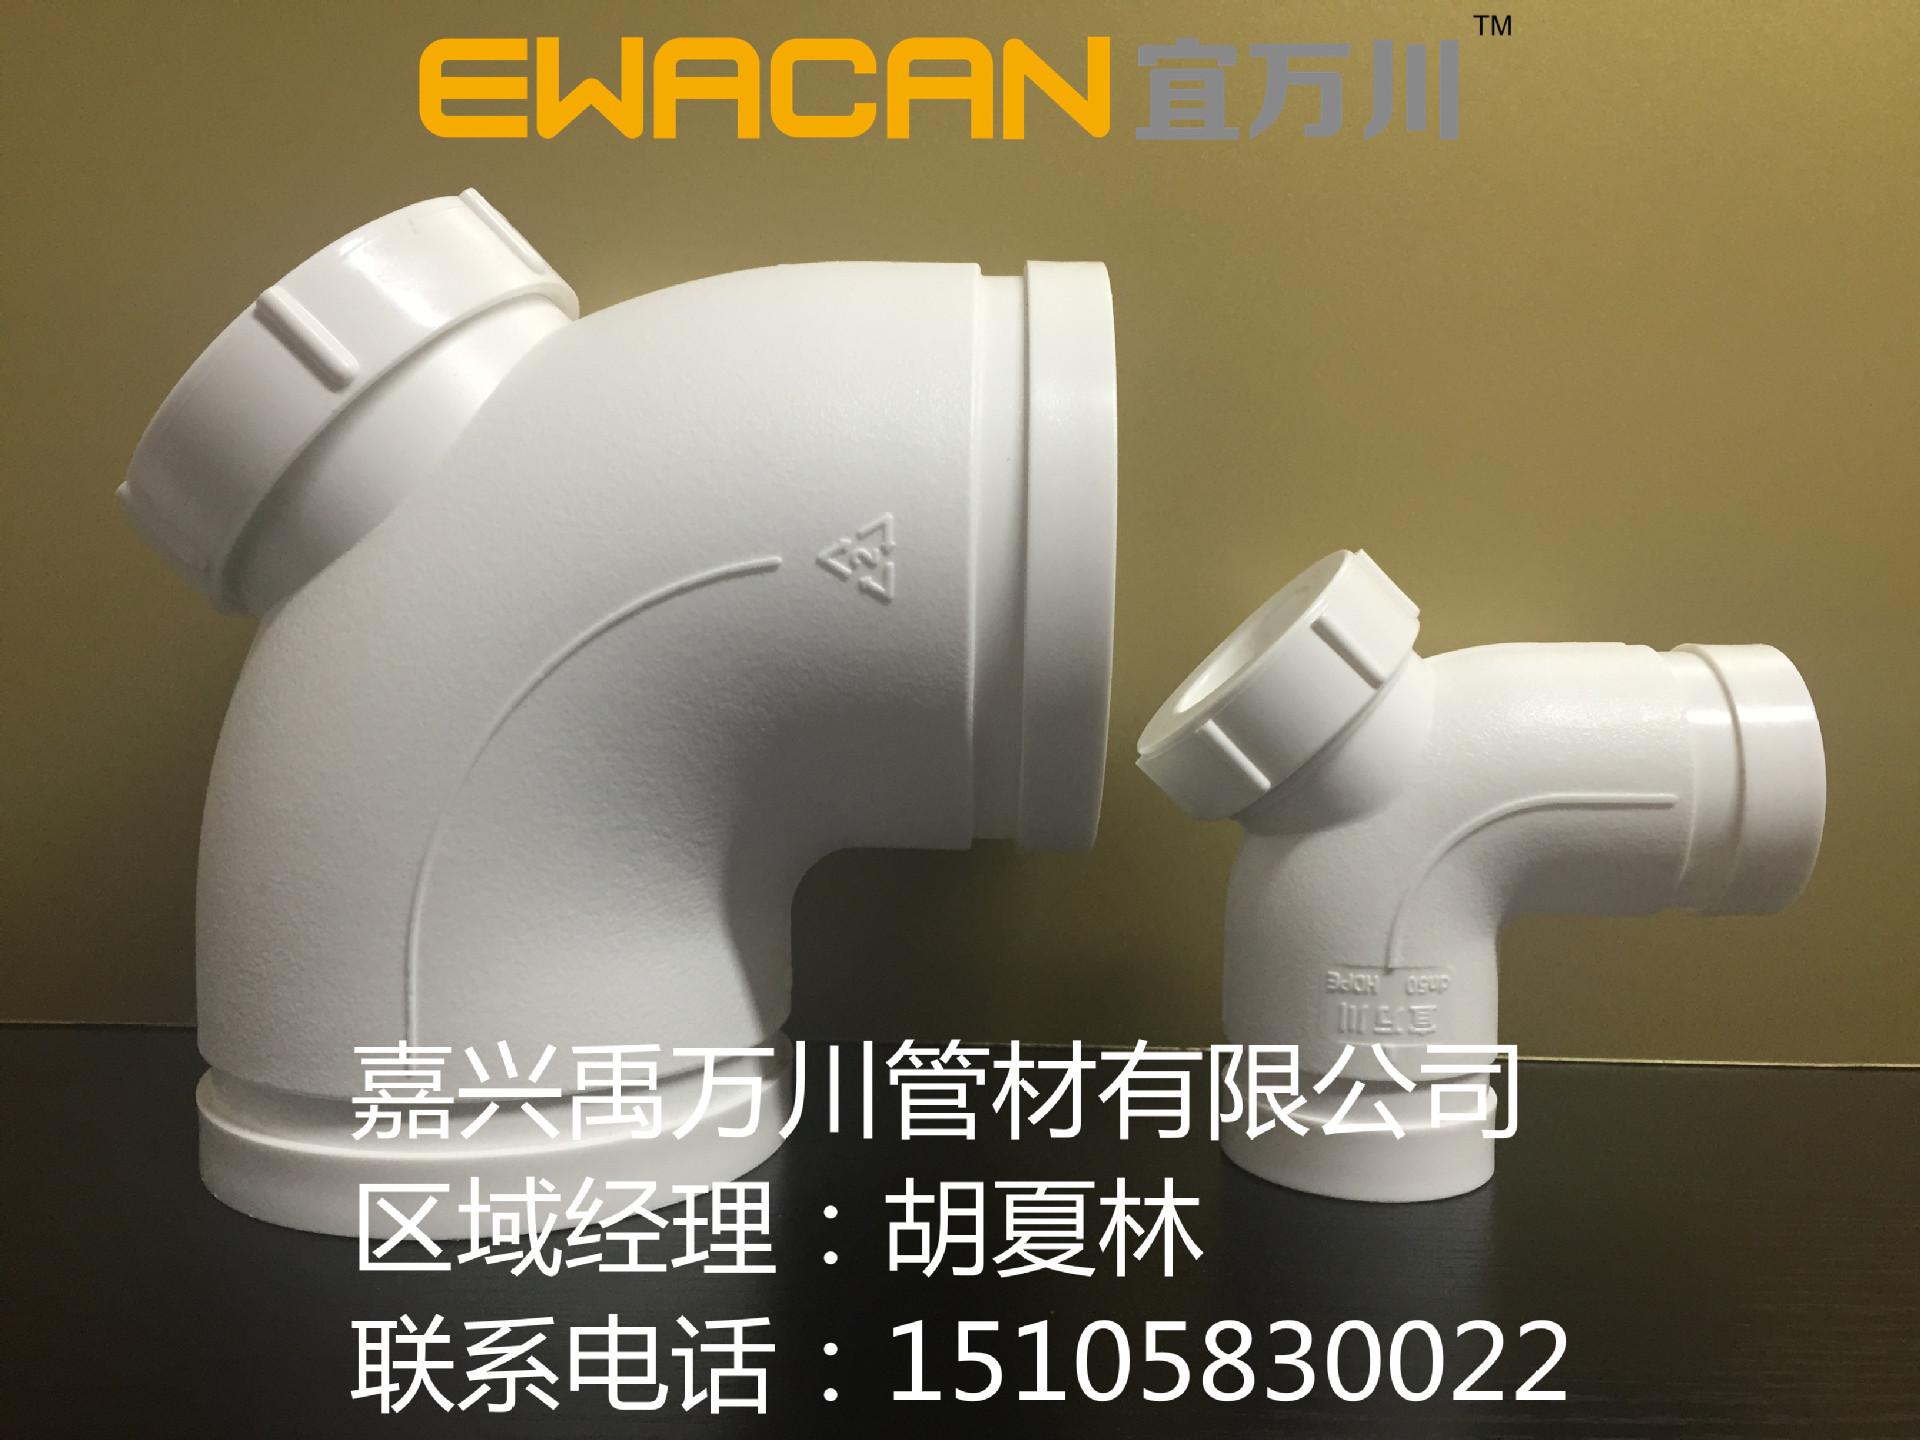 直供沟槽式HDPE超静音排水管,90度门弯,宜万川沟槽静音排水管示例图4